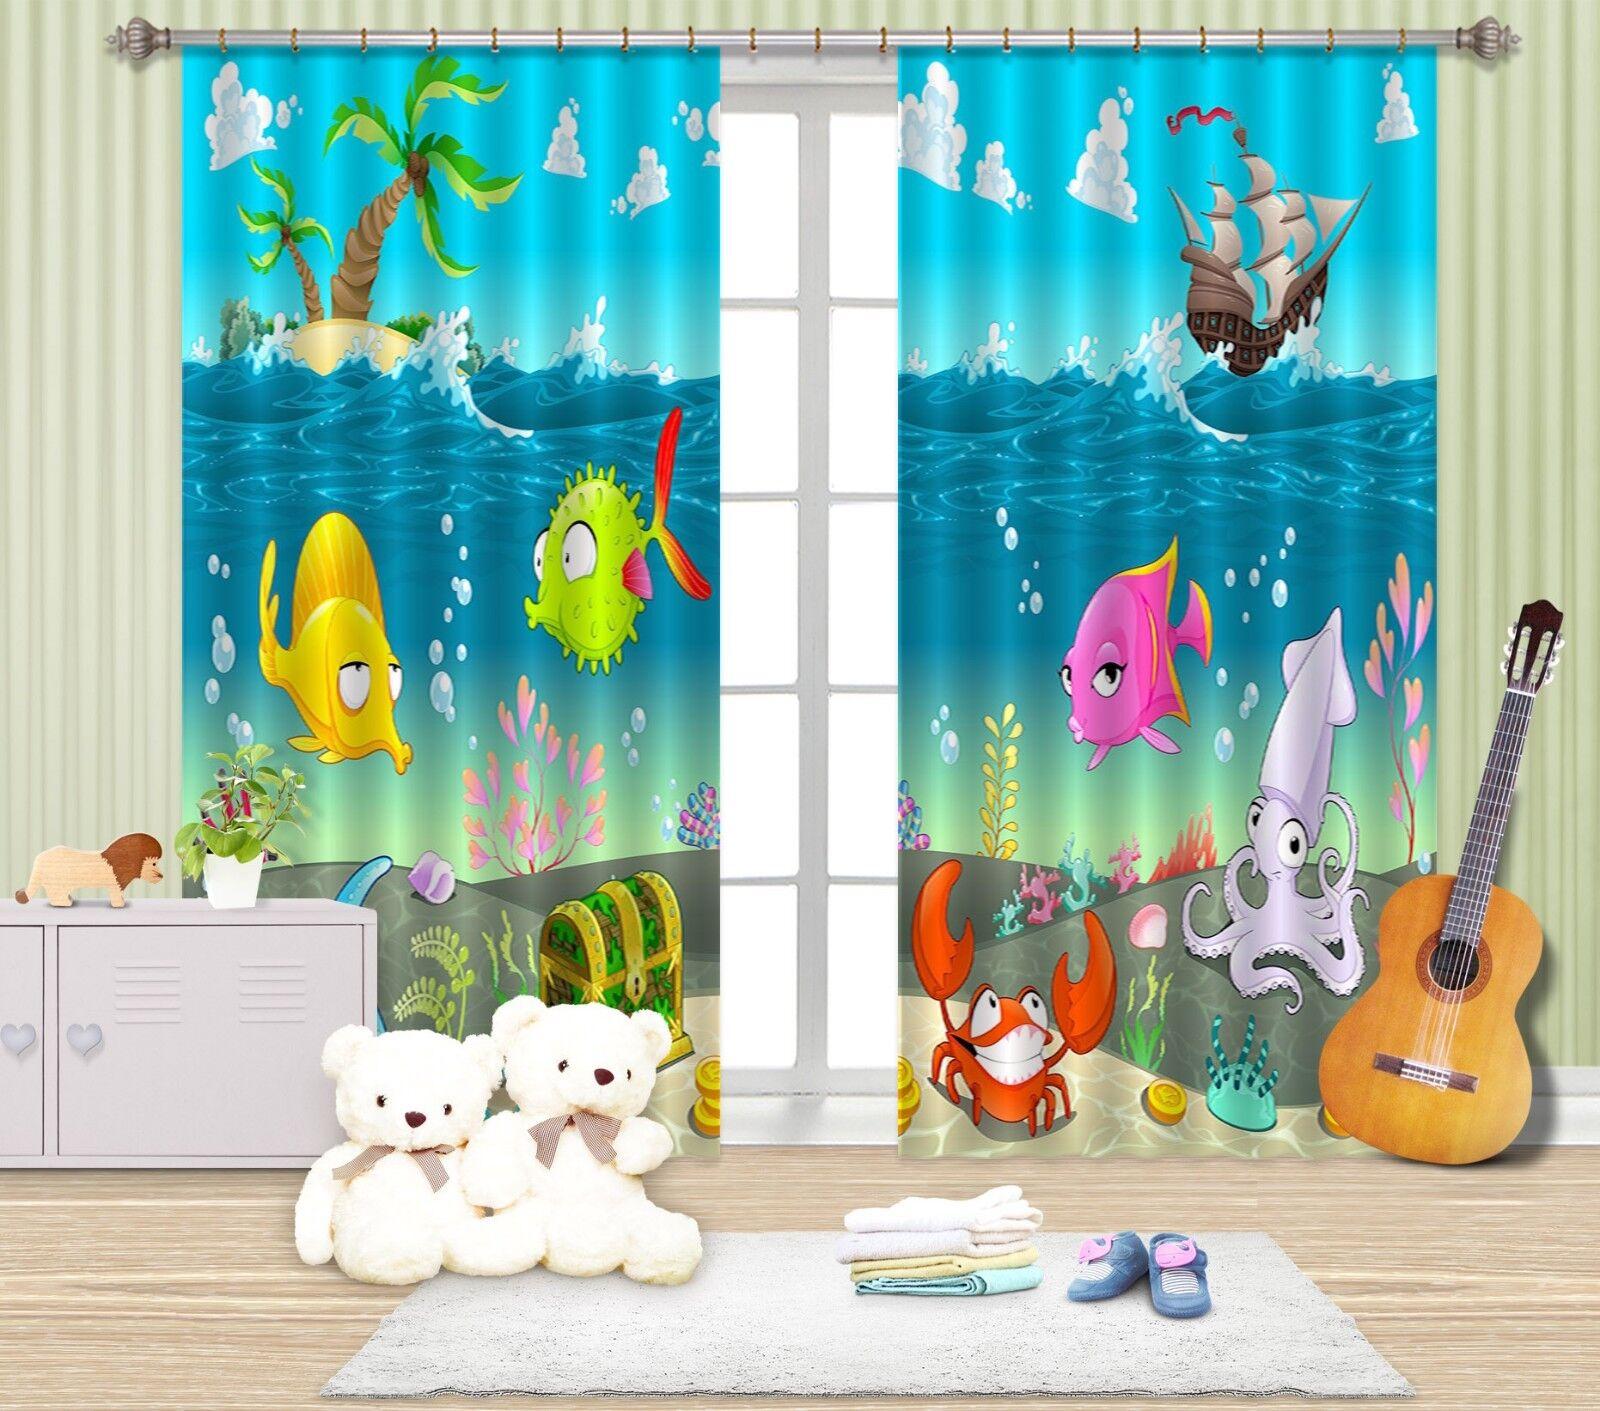 3d pesce oceano 67 blocco foto sipario pressione sipario tende tessuto finestra de